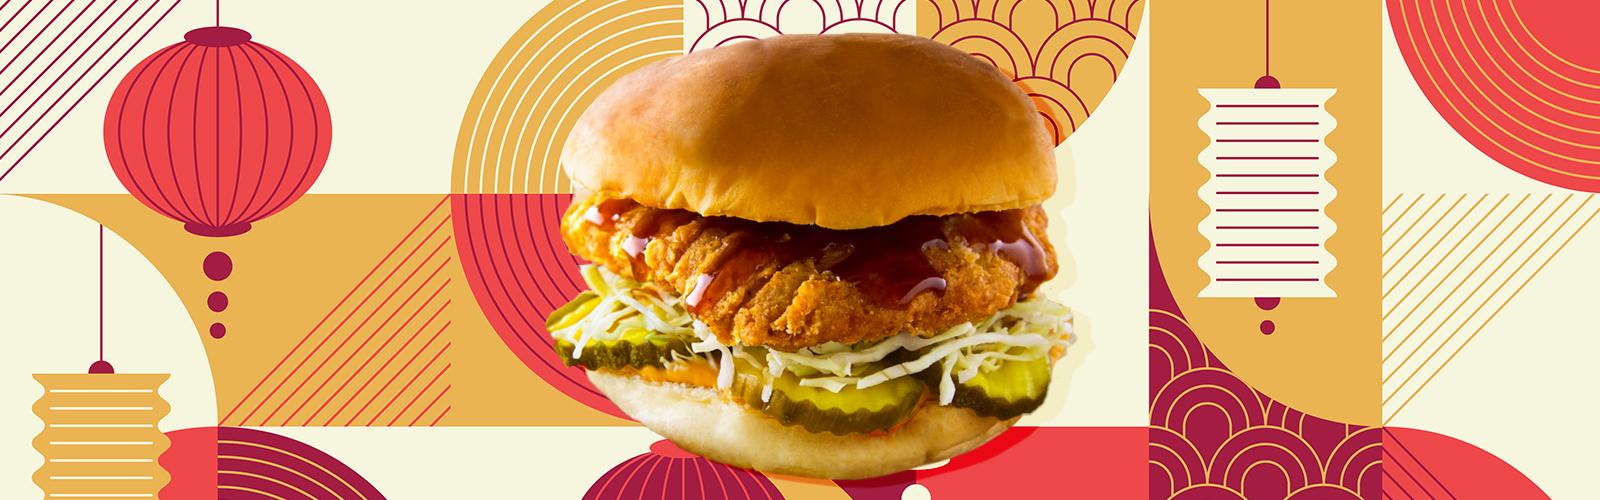 chicken-tf-uproxx.jpg